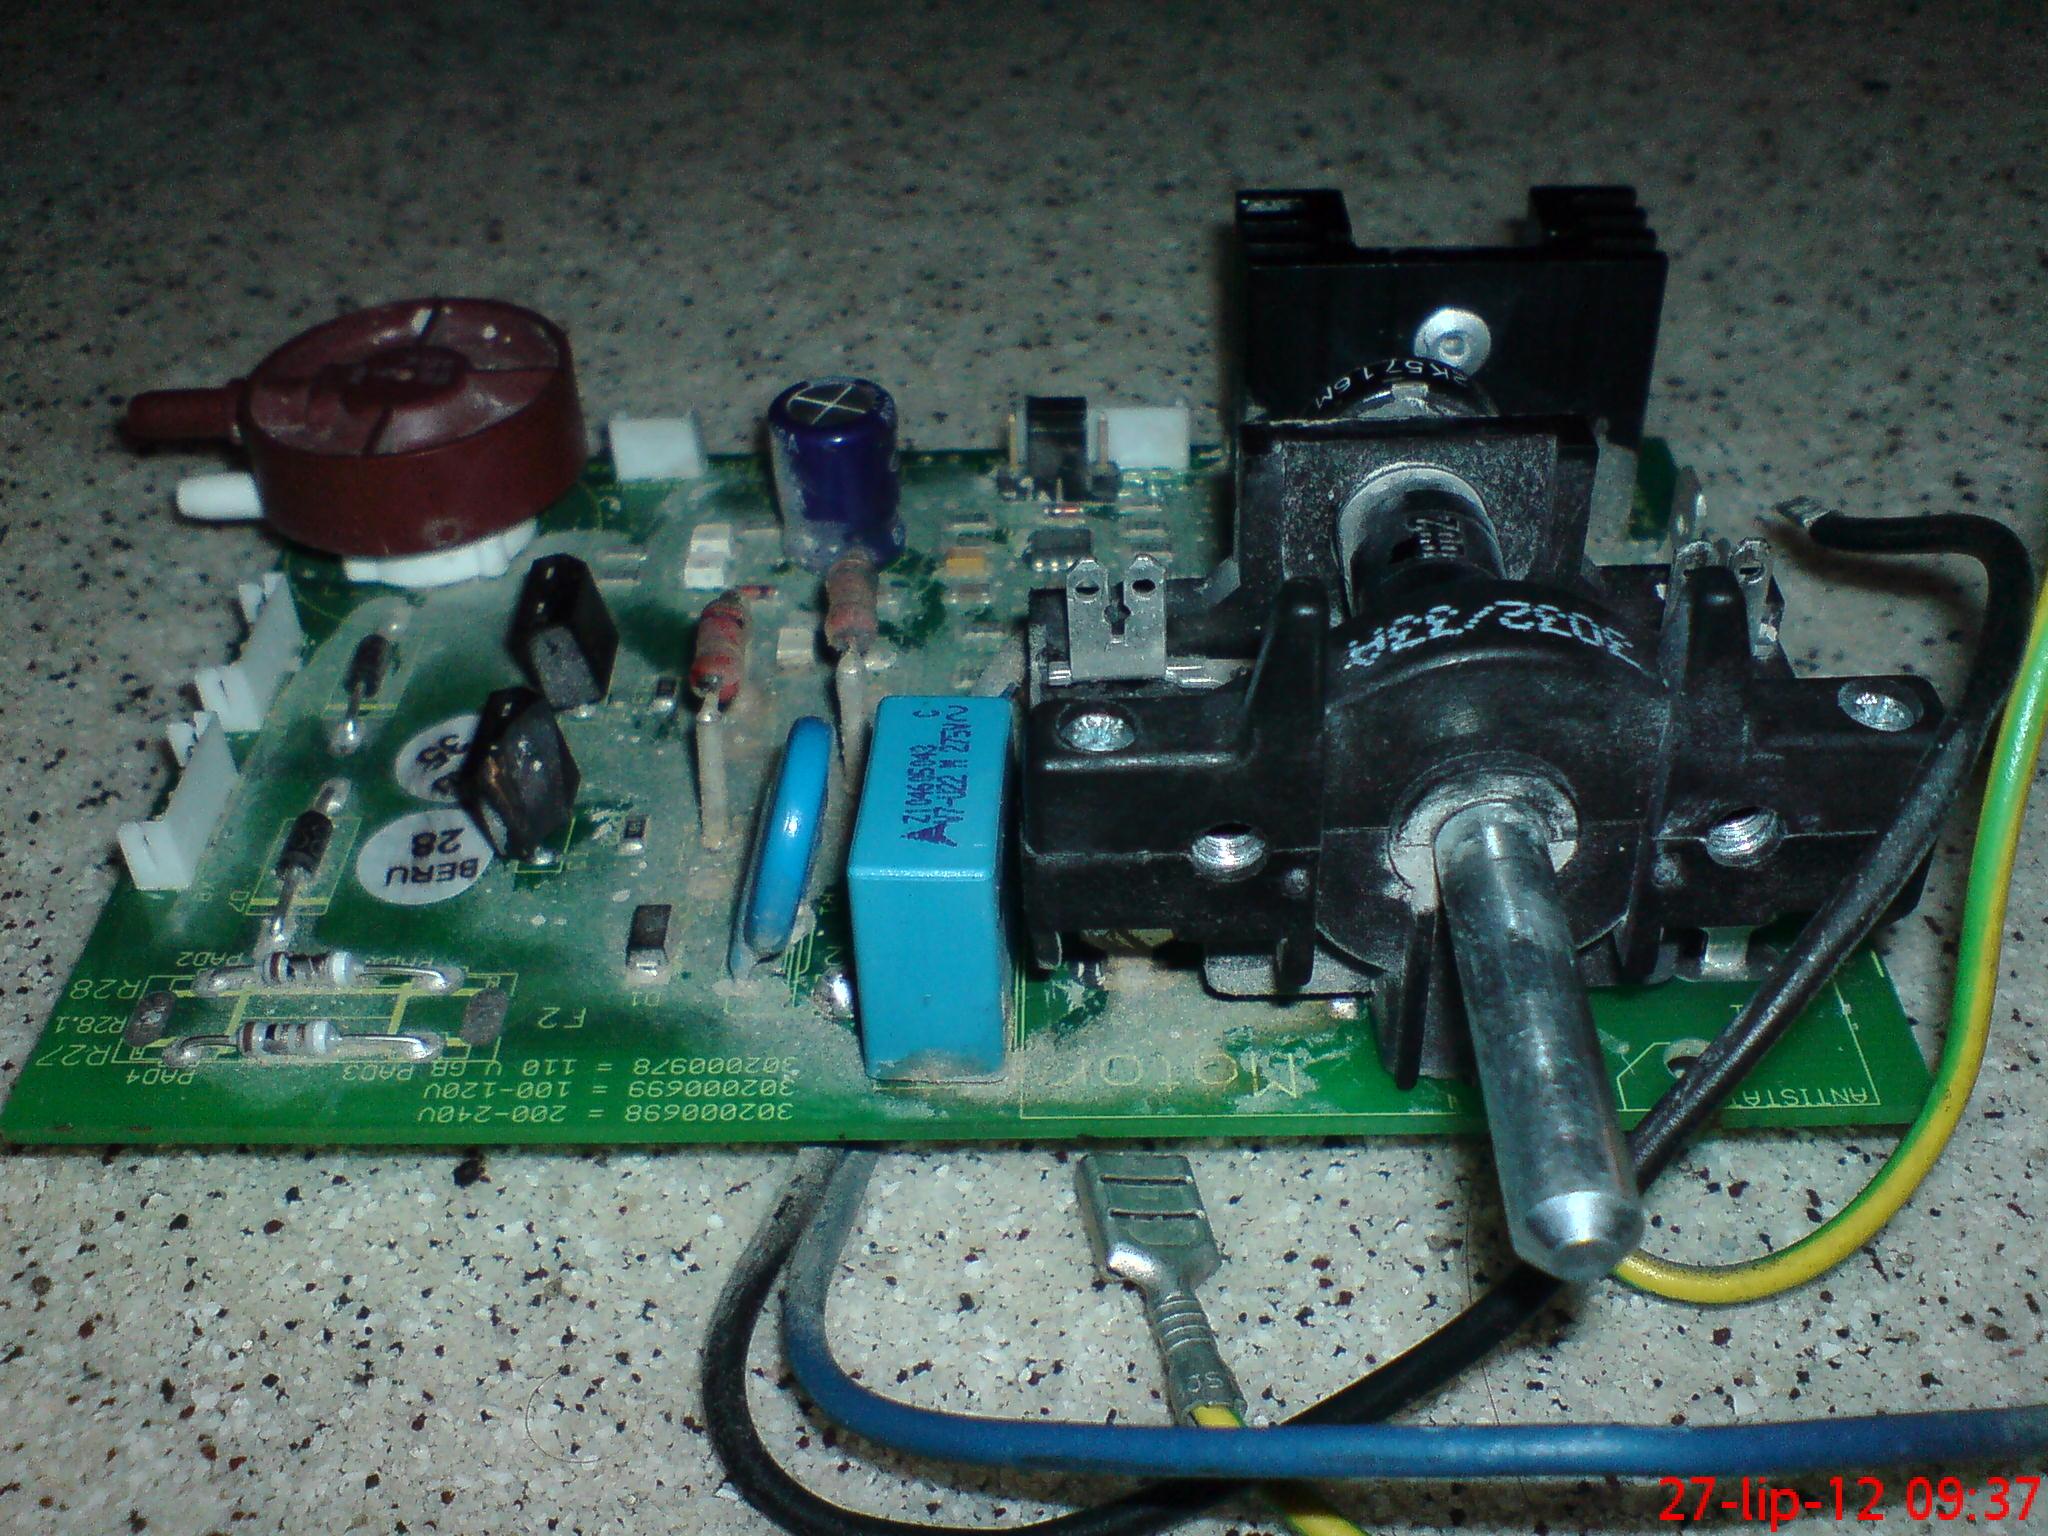 VCU 40 Hilti odkurzacz schemat elektroniki modu�u